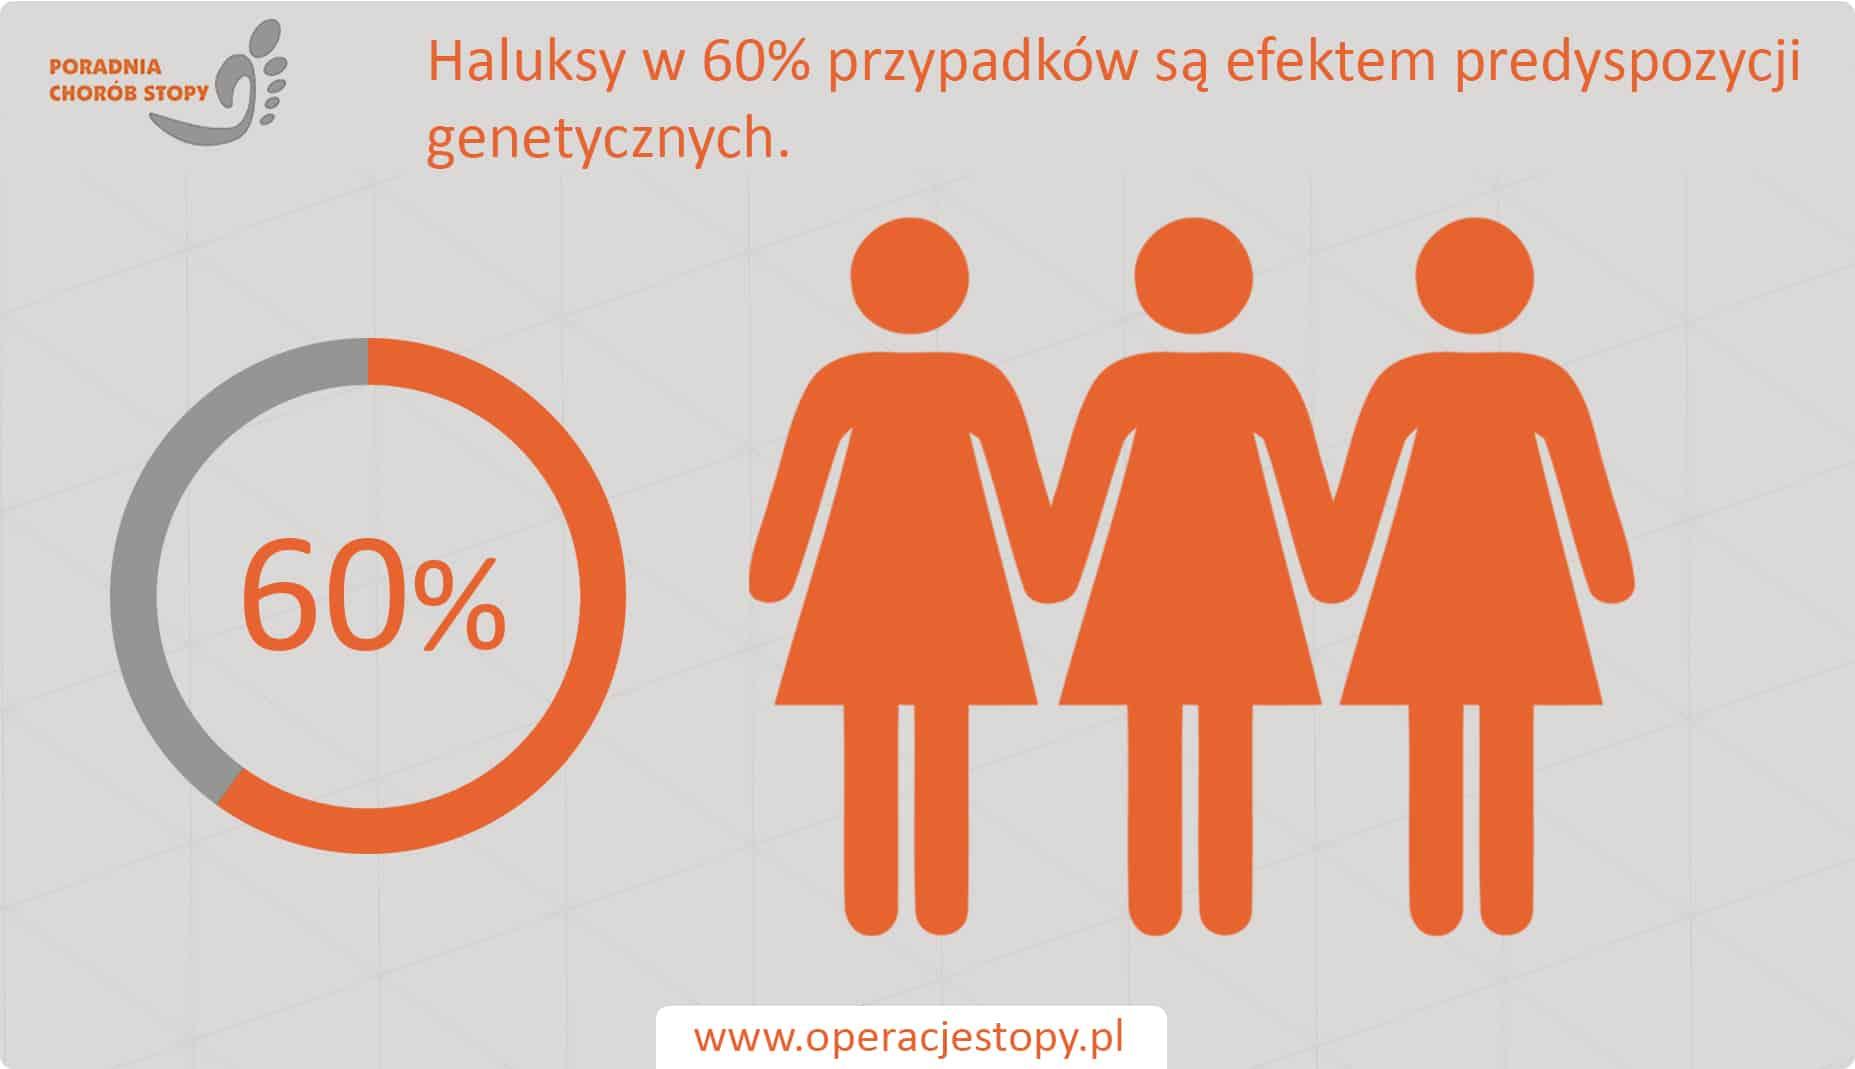 Operacjestopy.pl Haluksy - podłoże genetyczne